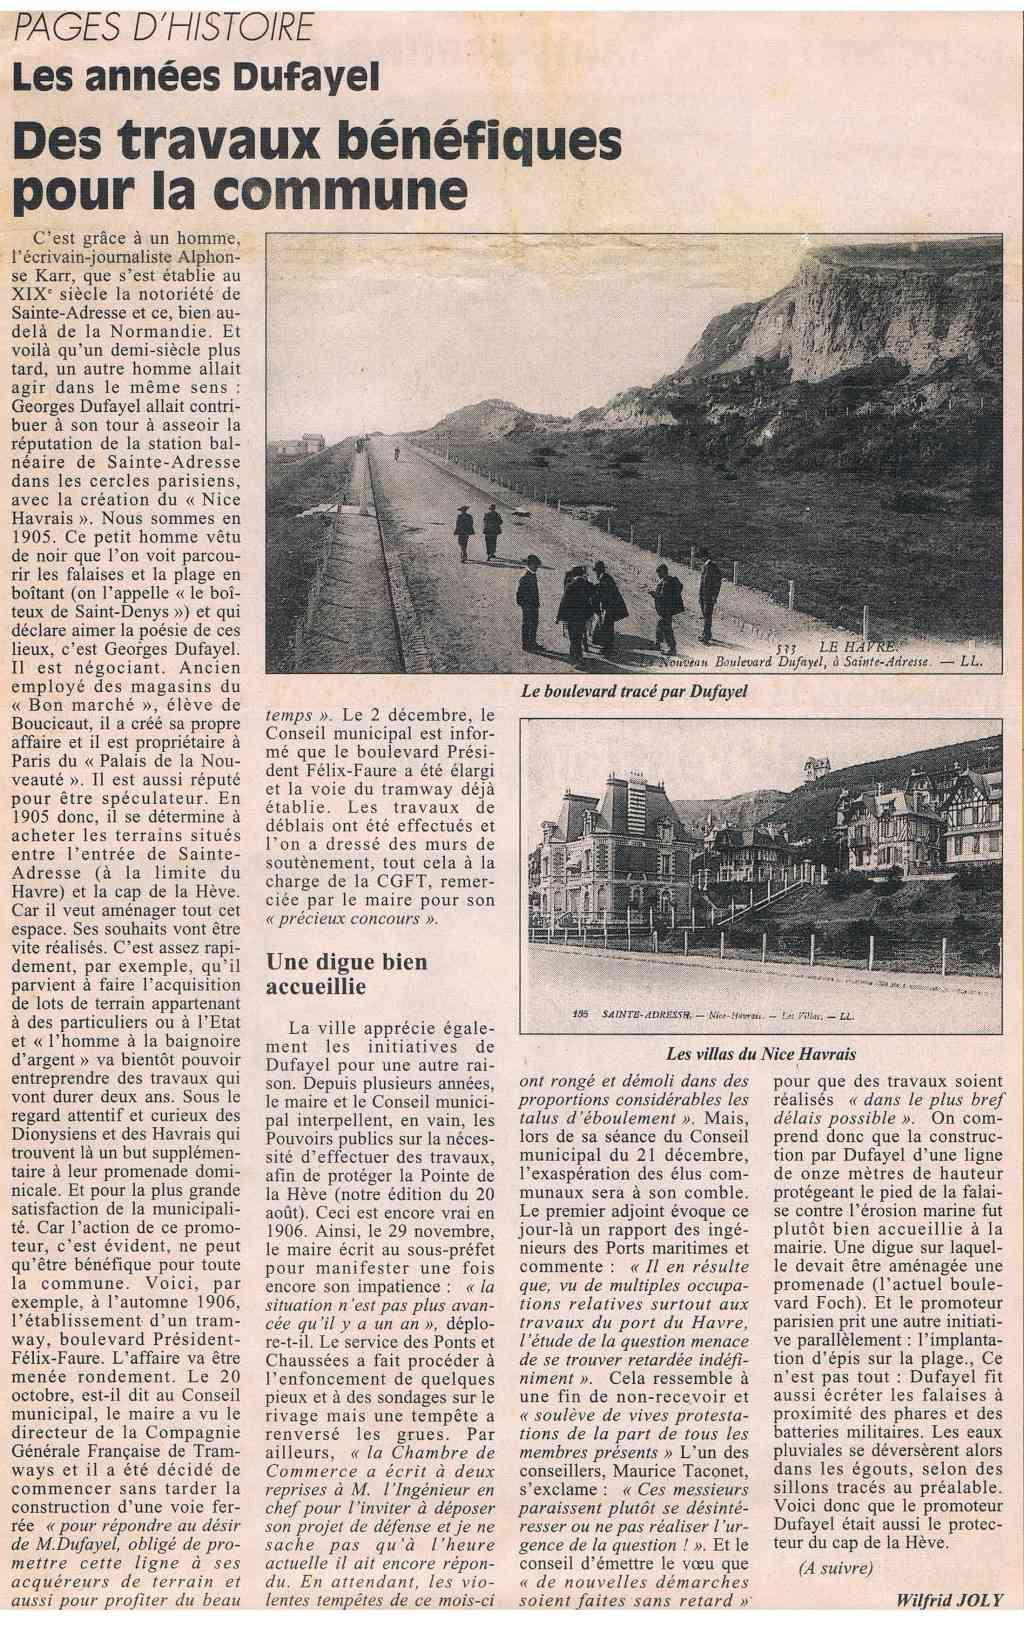 Sainte-Adresse - Les années Dufayel 1997-012